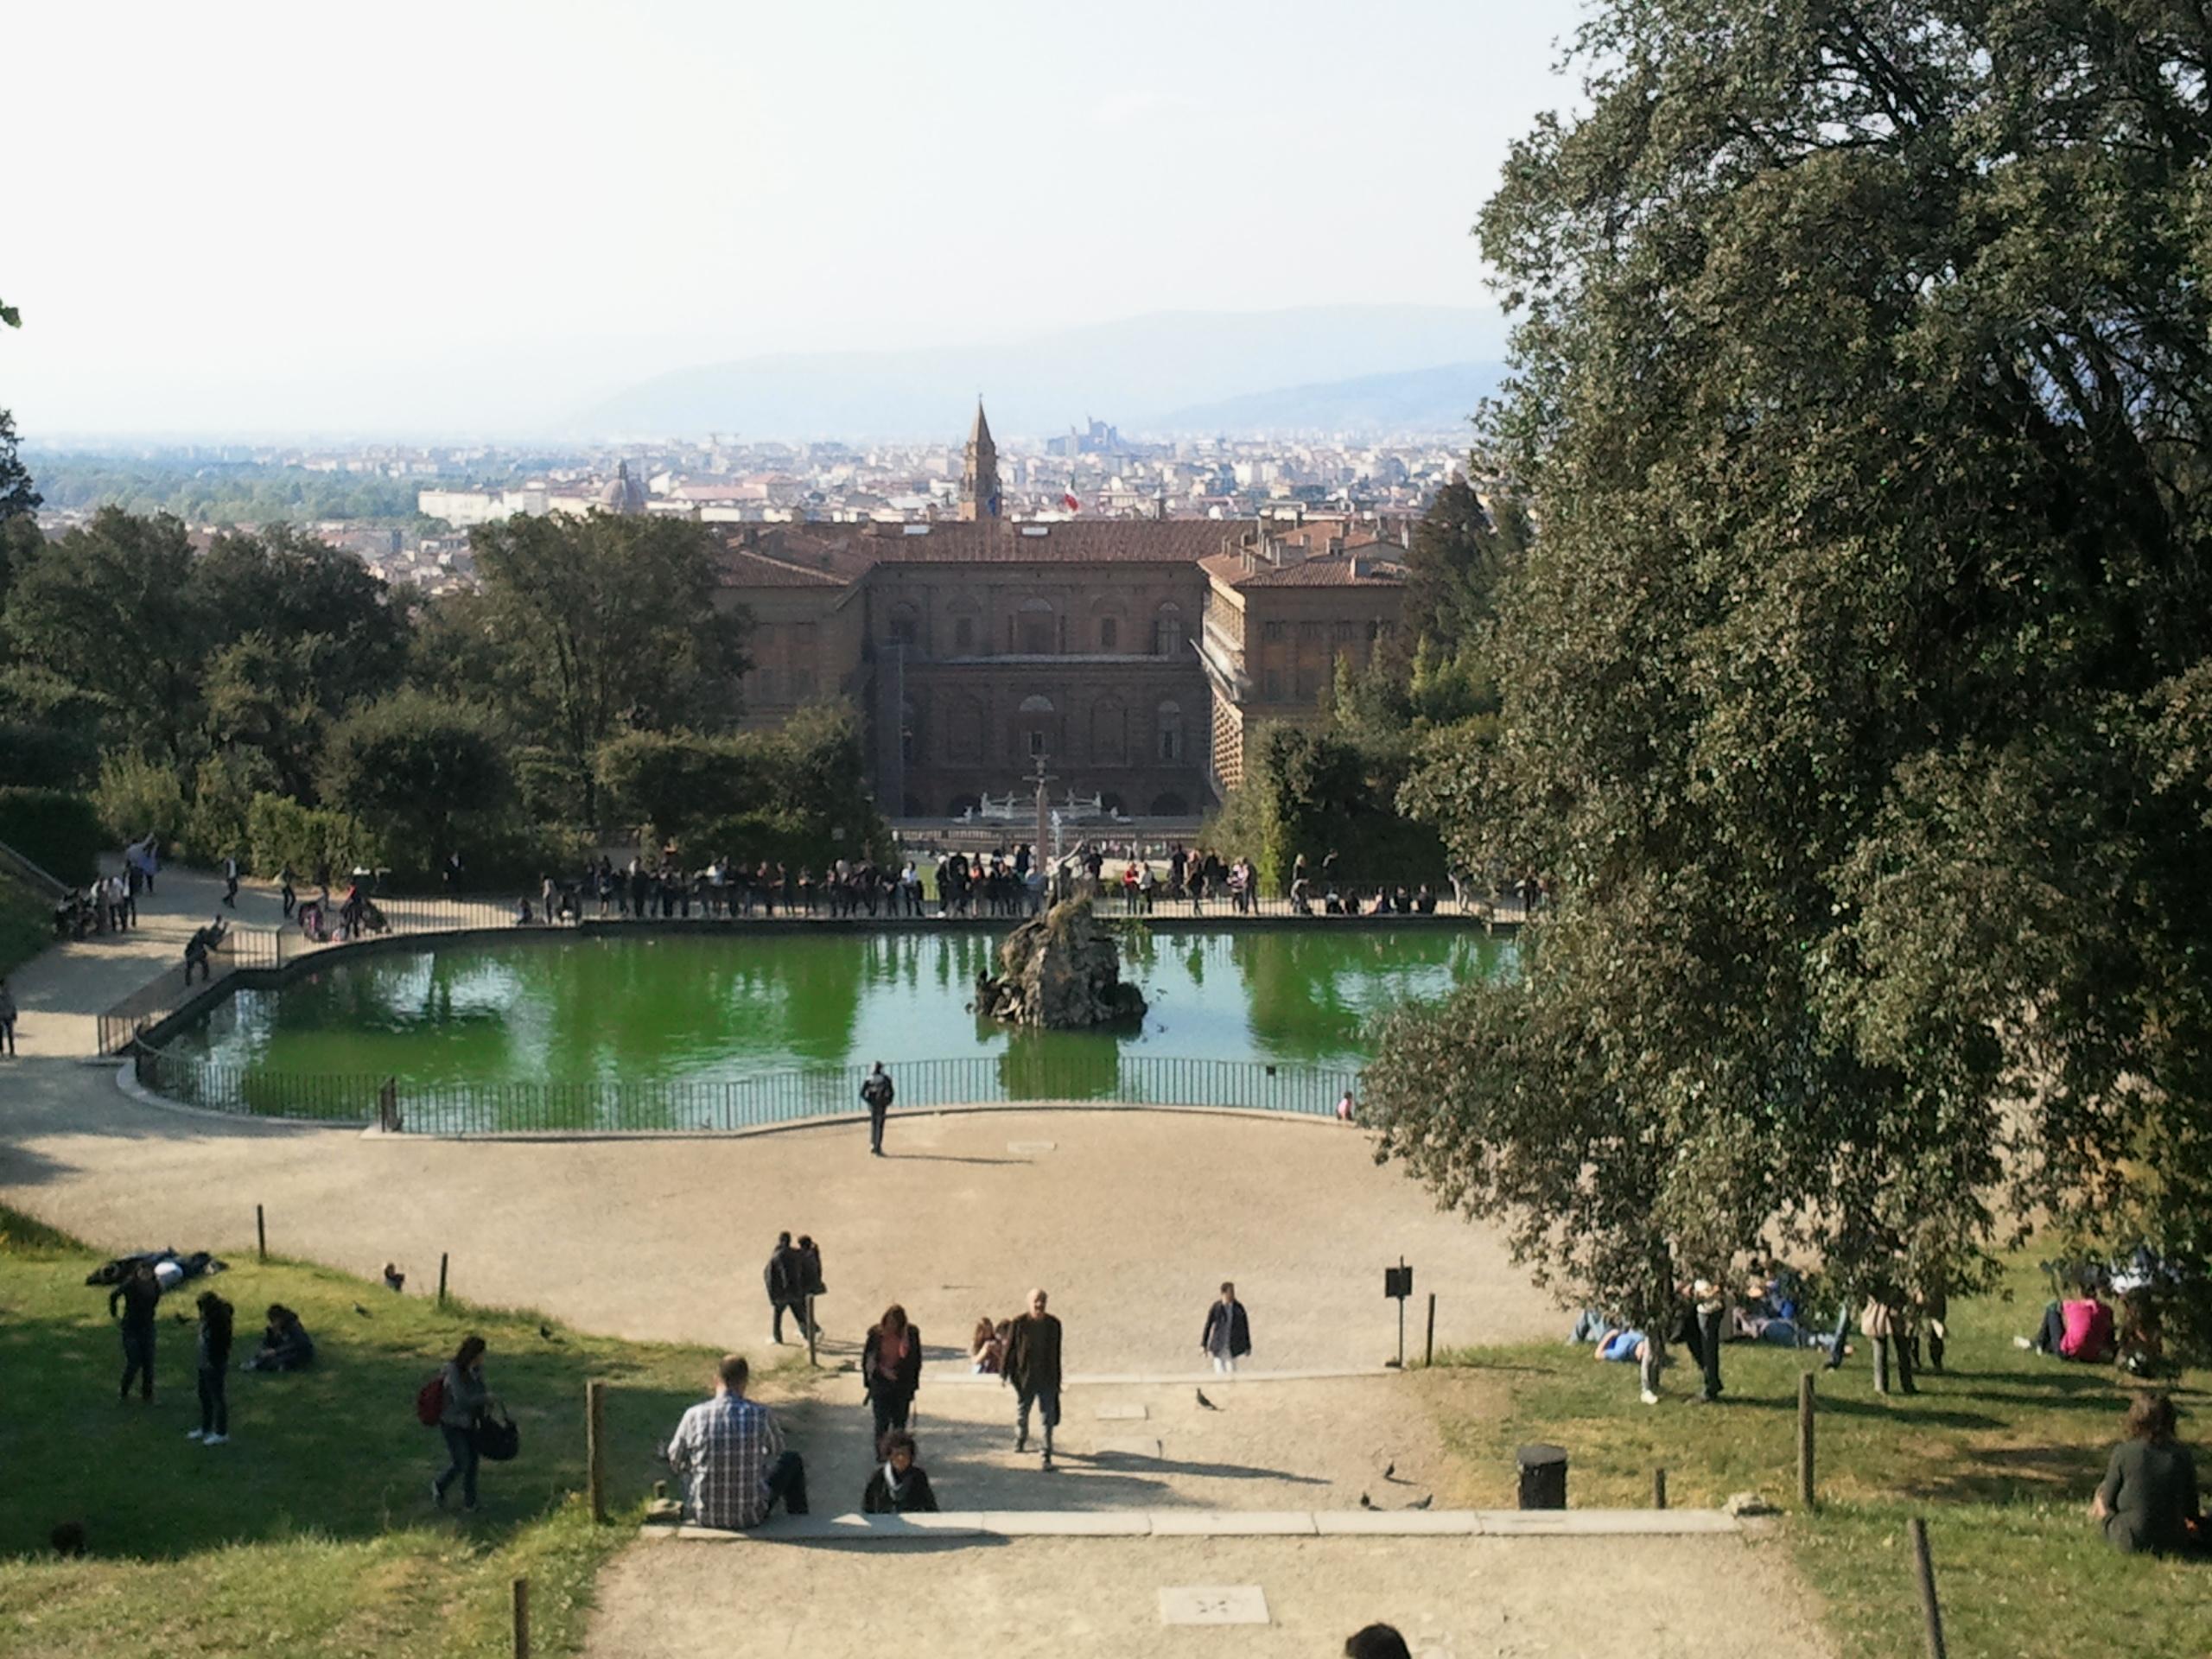 La fontana del giardino fiorentino più famoso